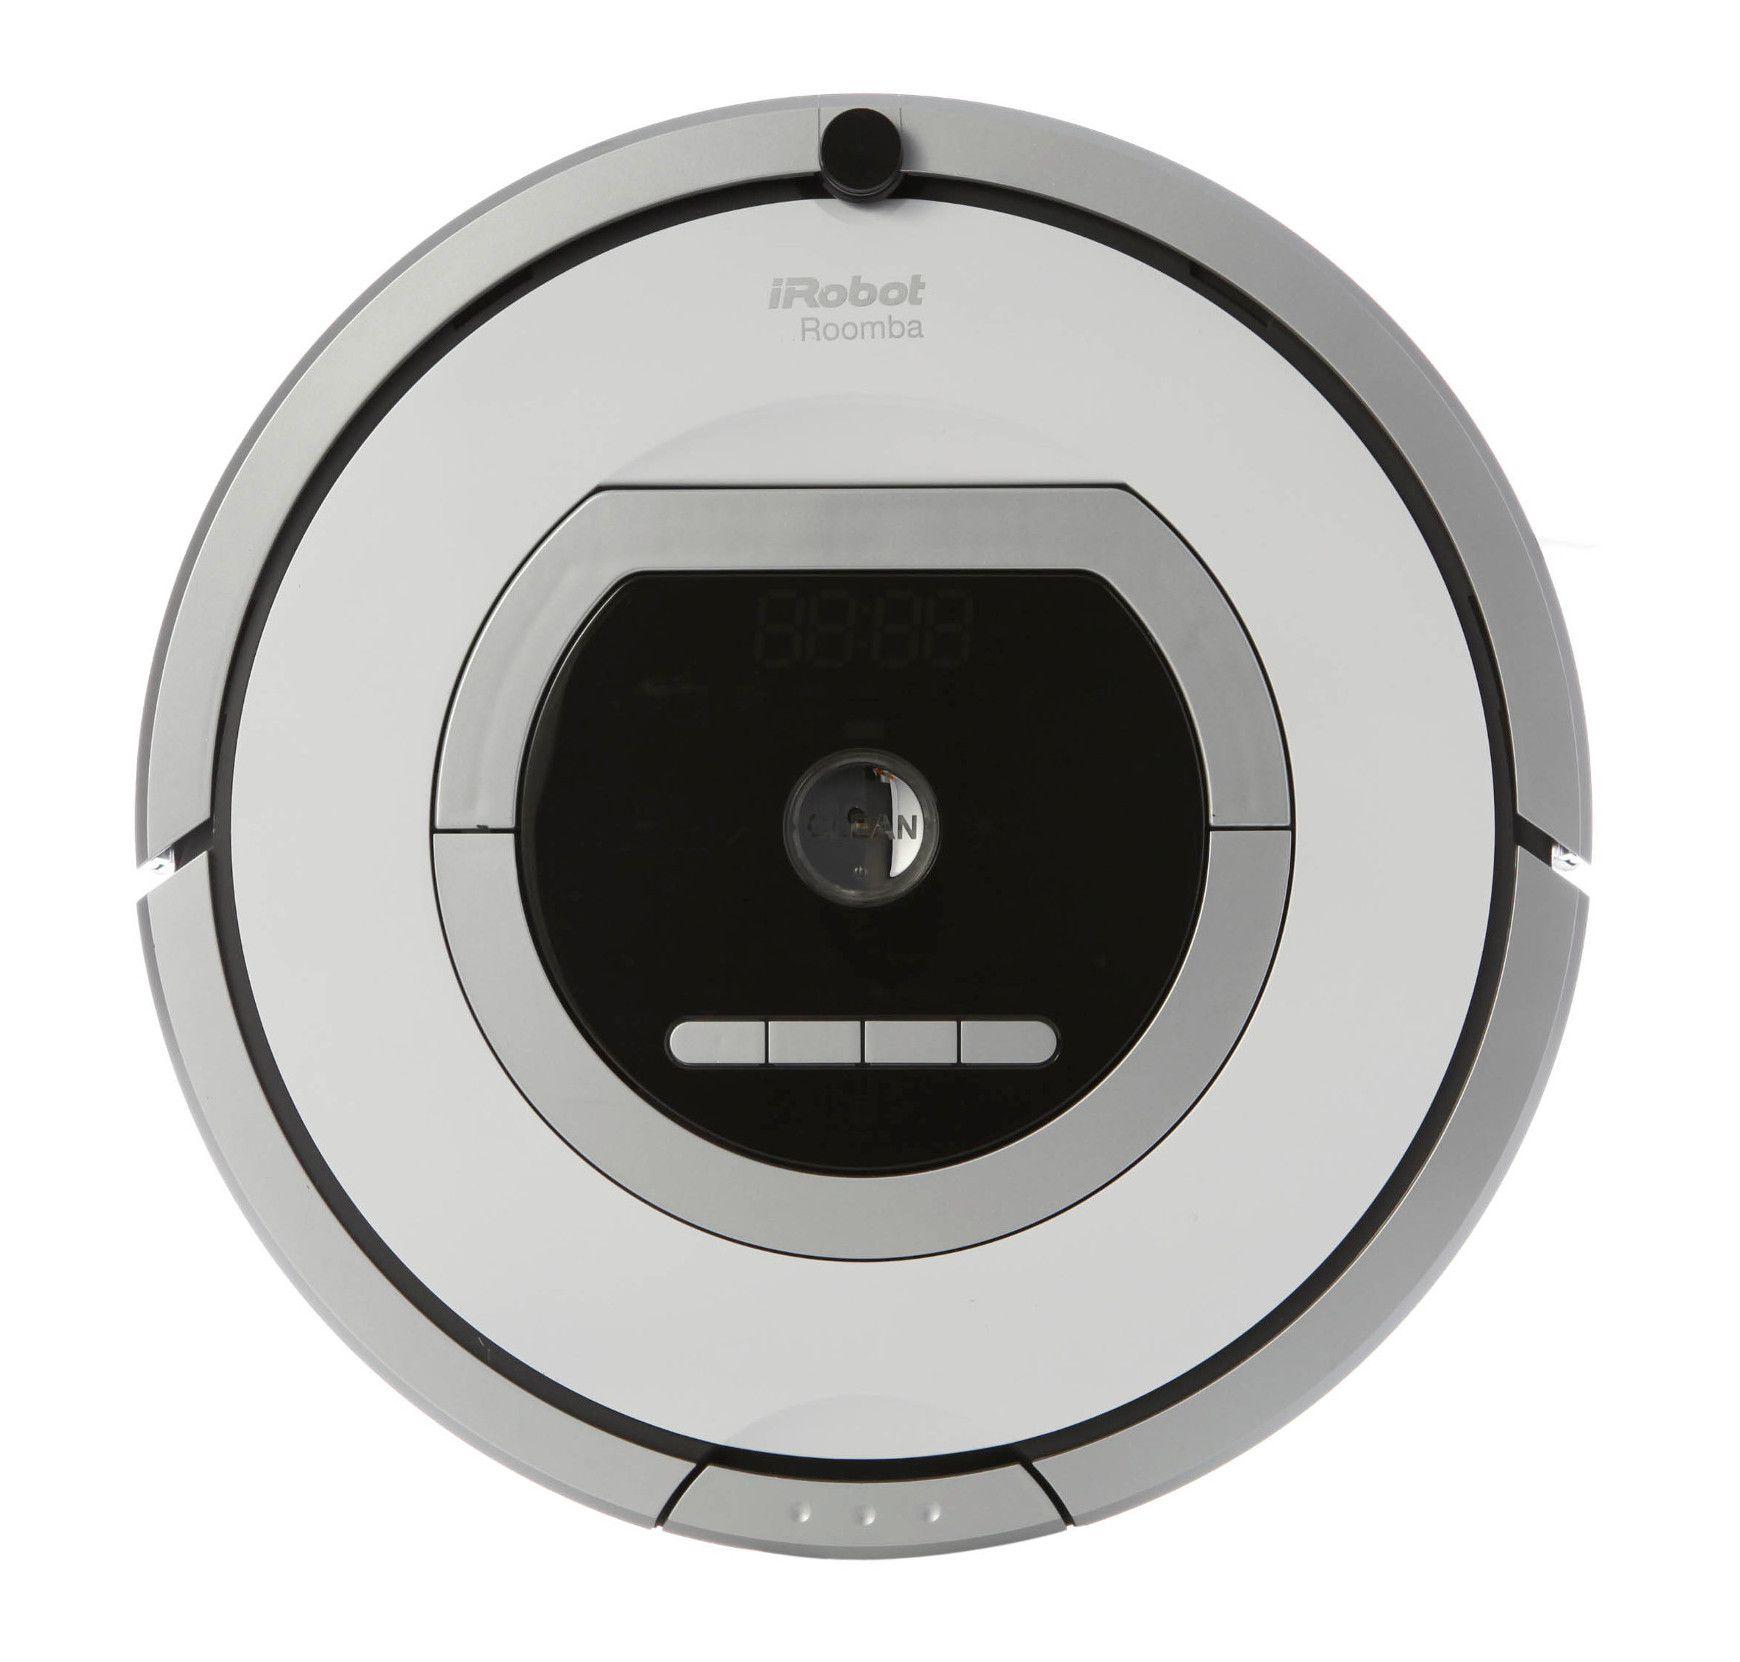 aspirateur robot 760. Black Bedroom Furniture Sets. Home Design Ideas